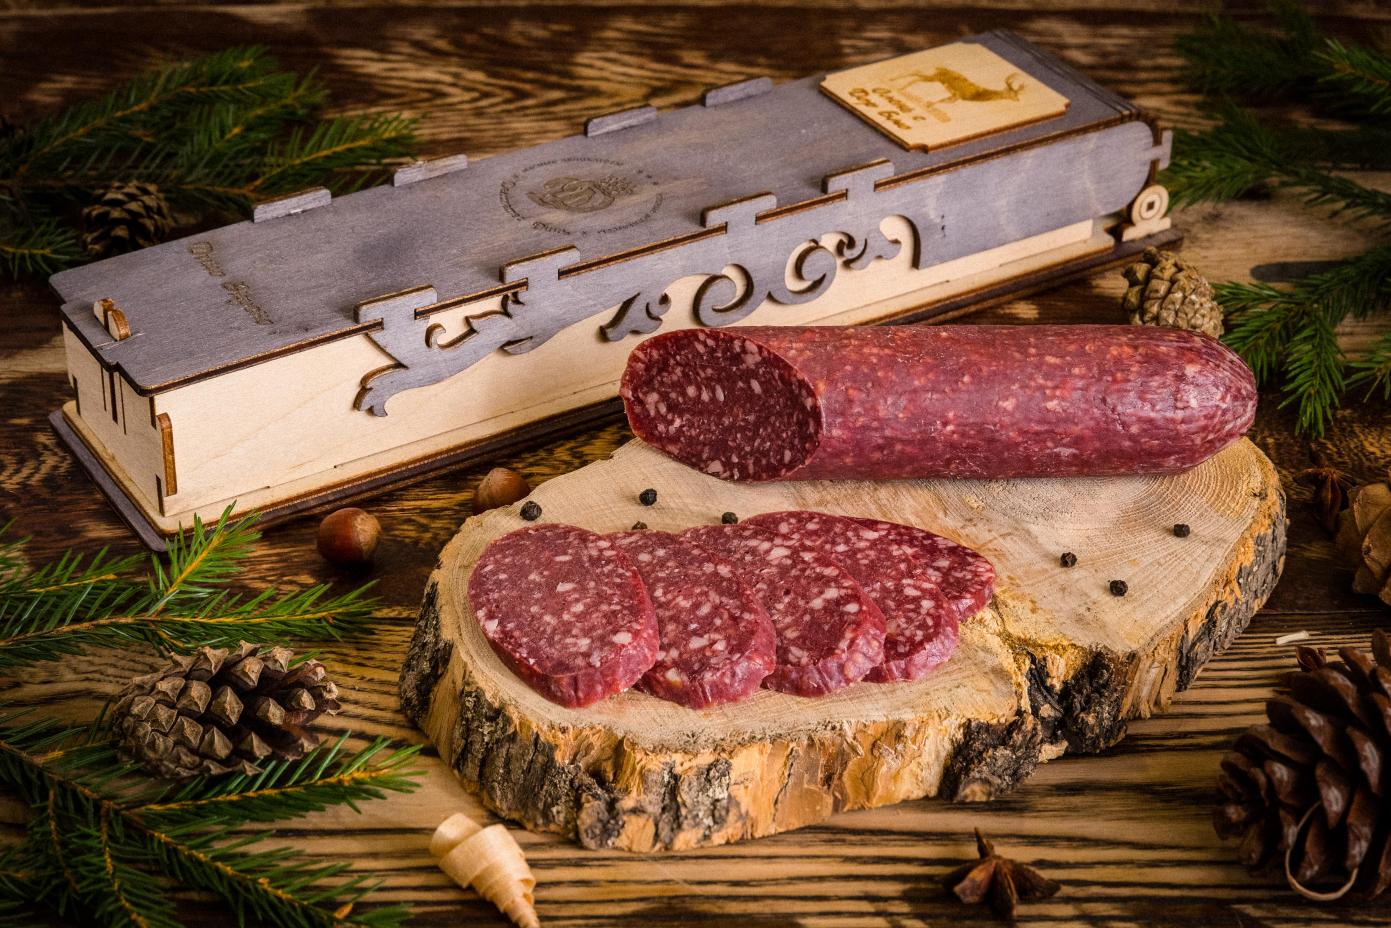 Колбаса из мяса Оленя с сыром дорблю в подарочной упаковке (деревянный пенал)